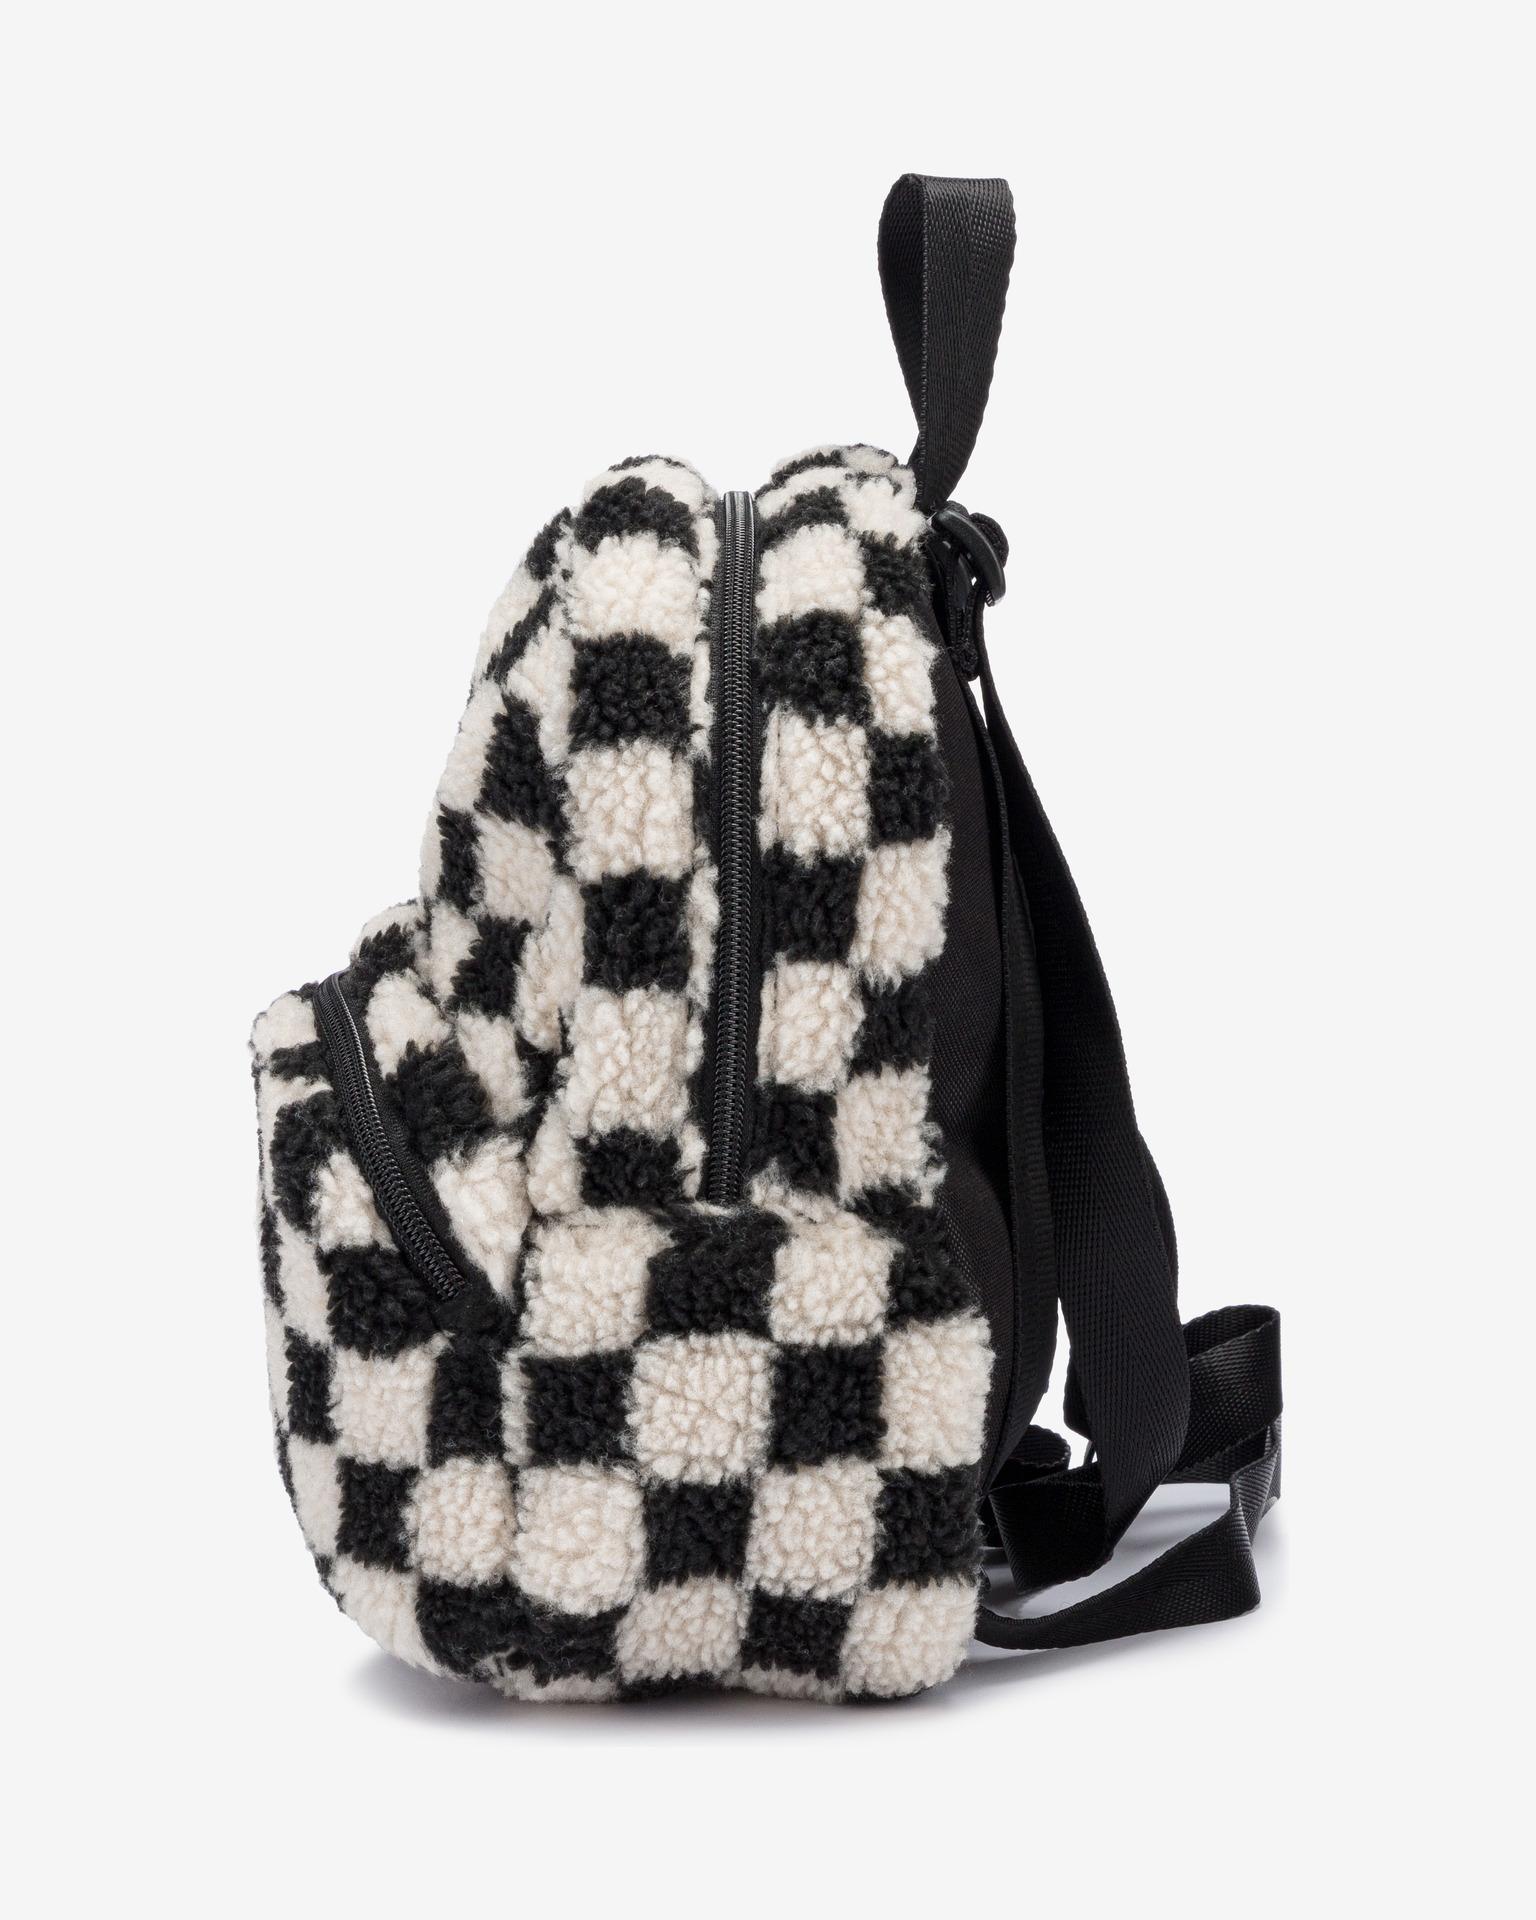 VANS Plecak damski biały Checkboard